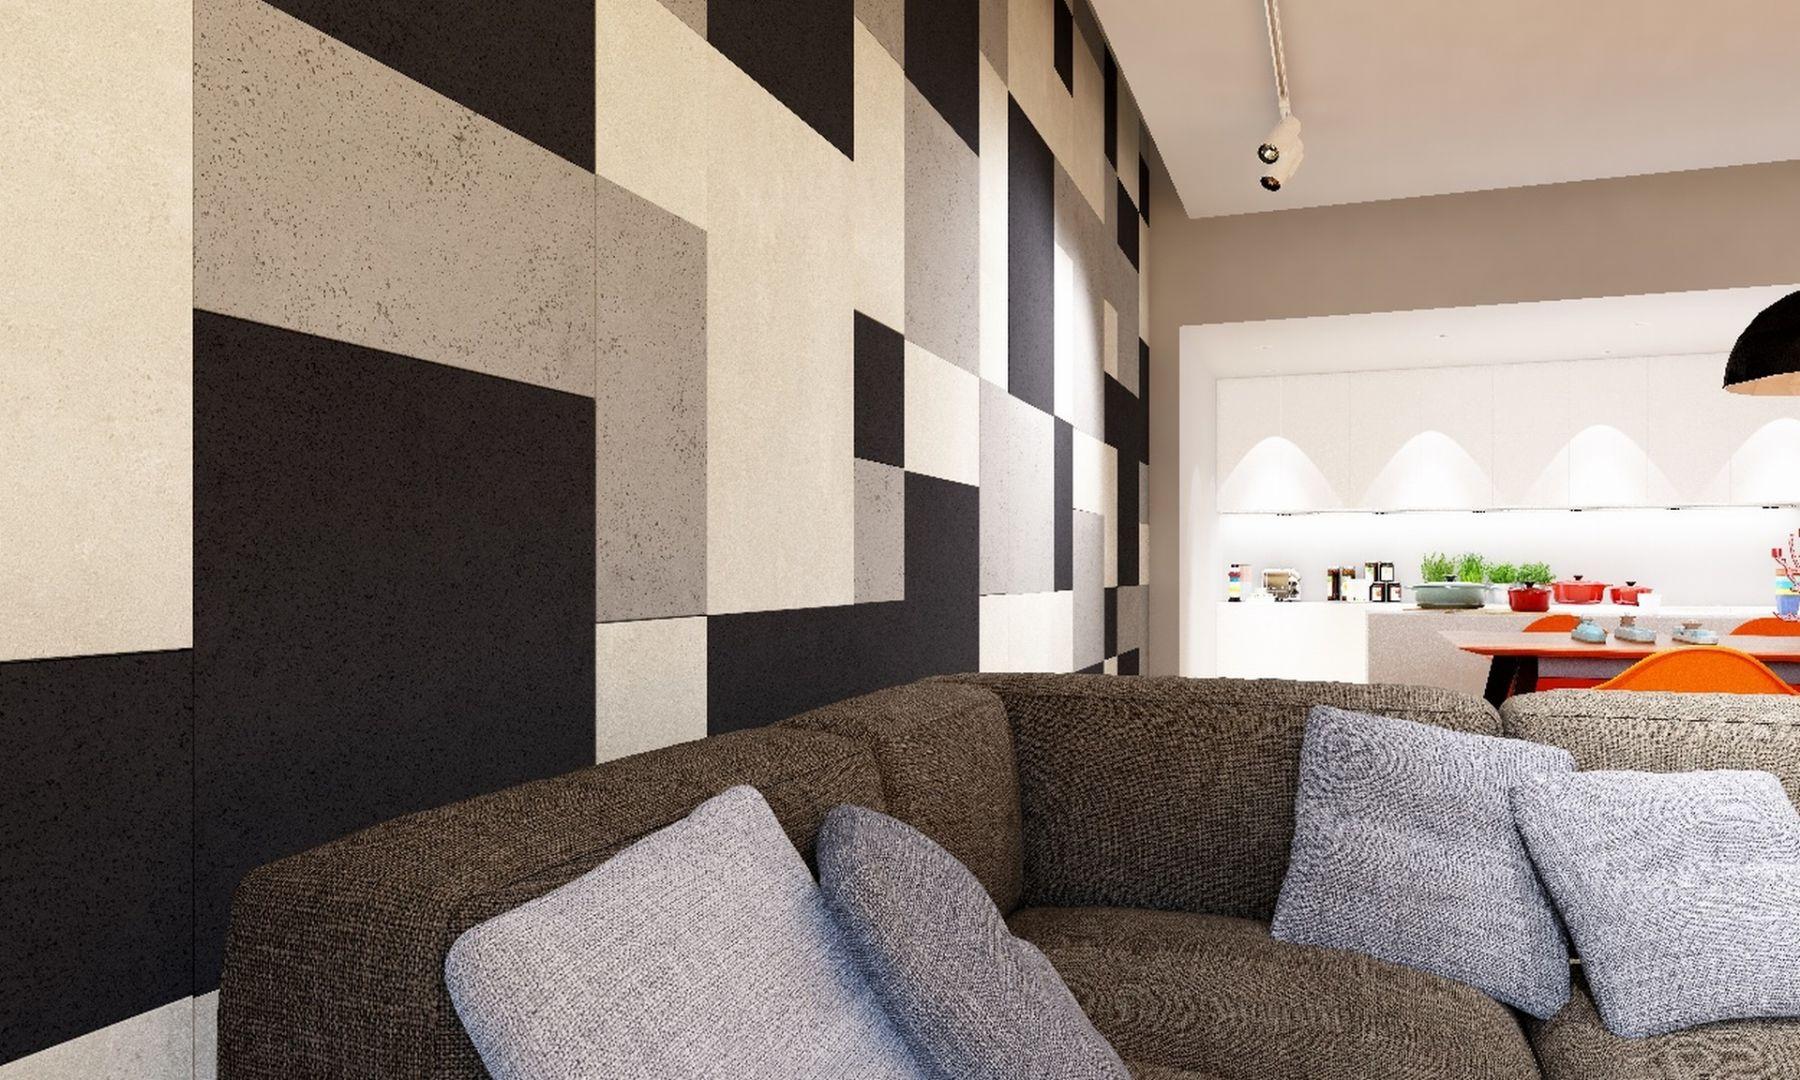 Beton architektoniczny doskonale wygląda również na ścianie nowoczesnego, przestronnego i jasnego salonu urządzonego w industrialnym stylu. Fot. Jadar